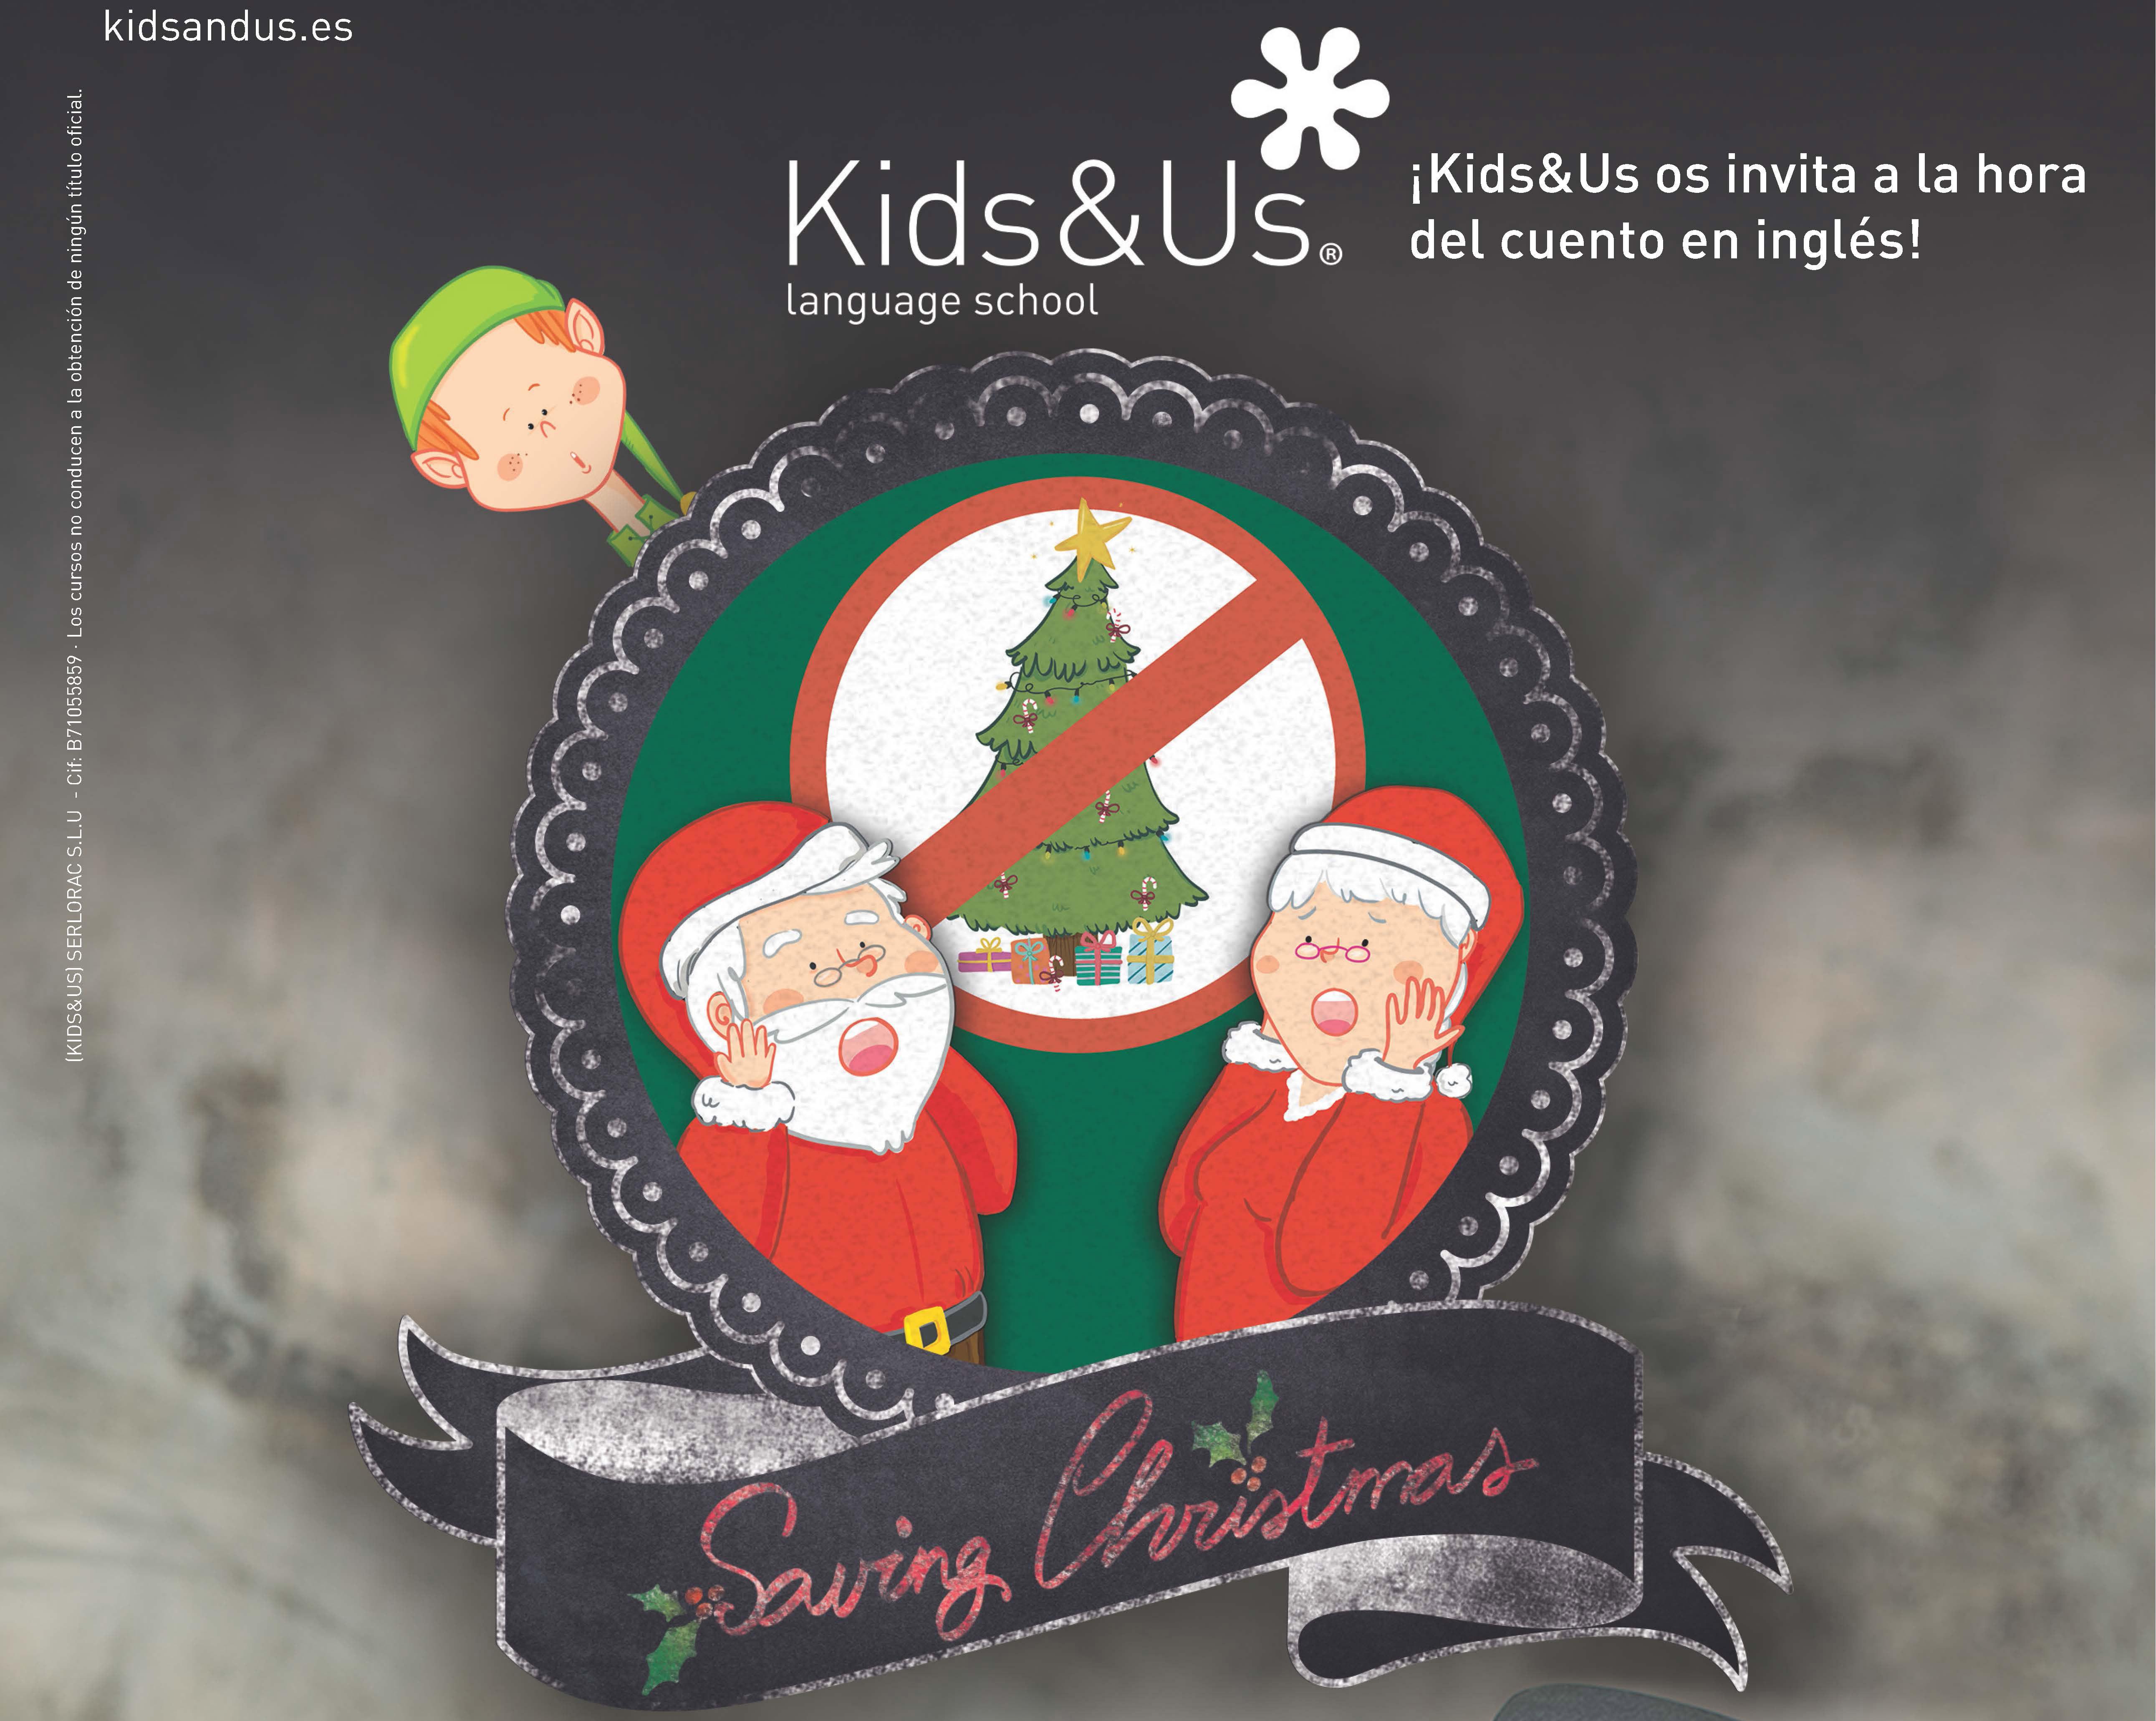 Cuenta cuentos infantil por Navidad